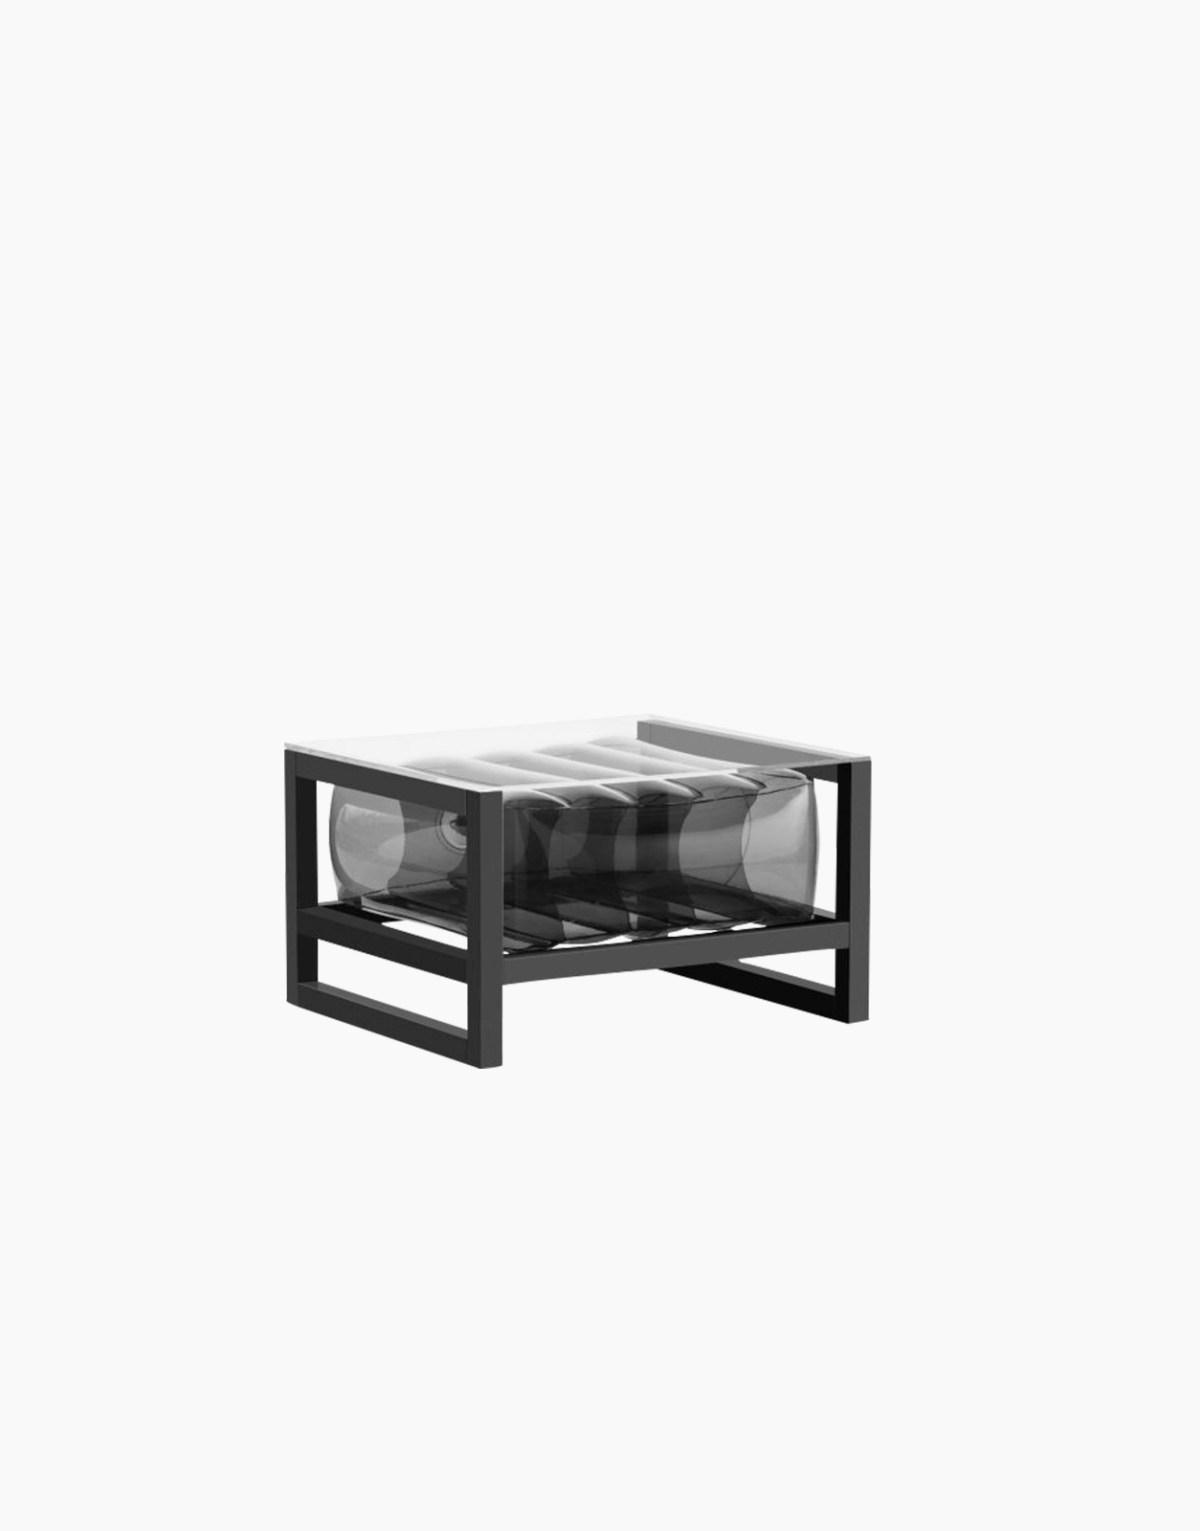 Revendeur de Mojow solution design fr mobilier table basse Yoko blanc noir cristal